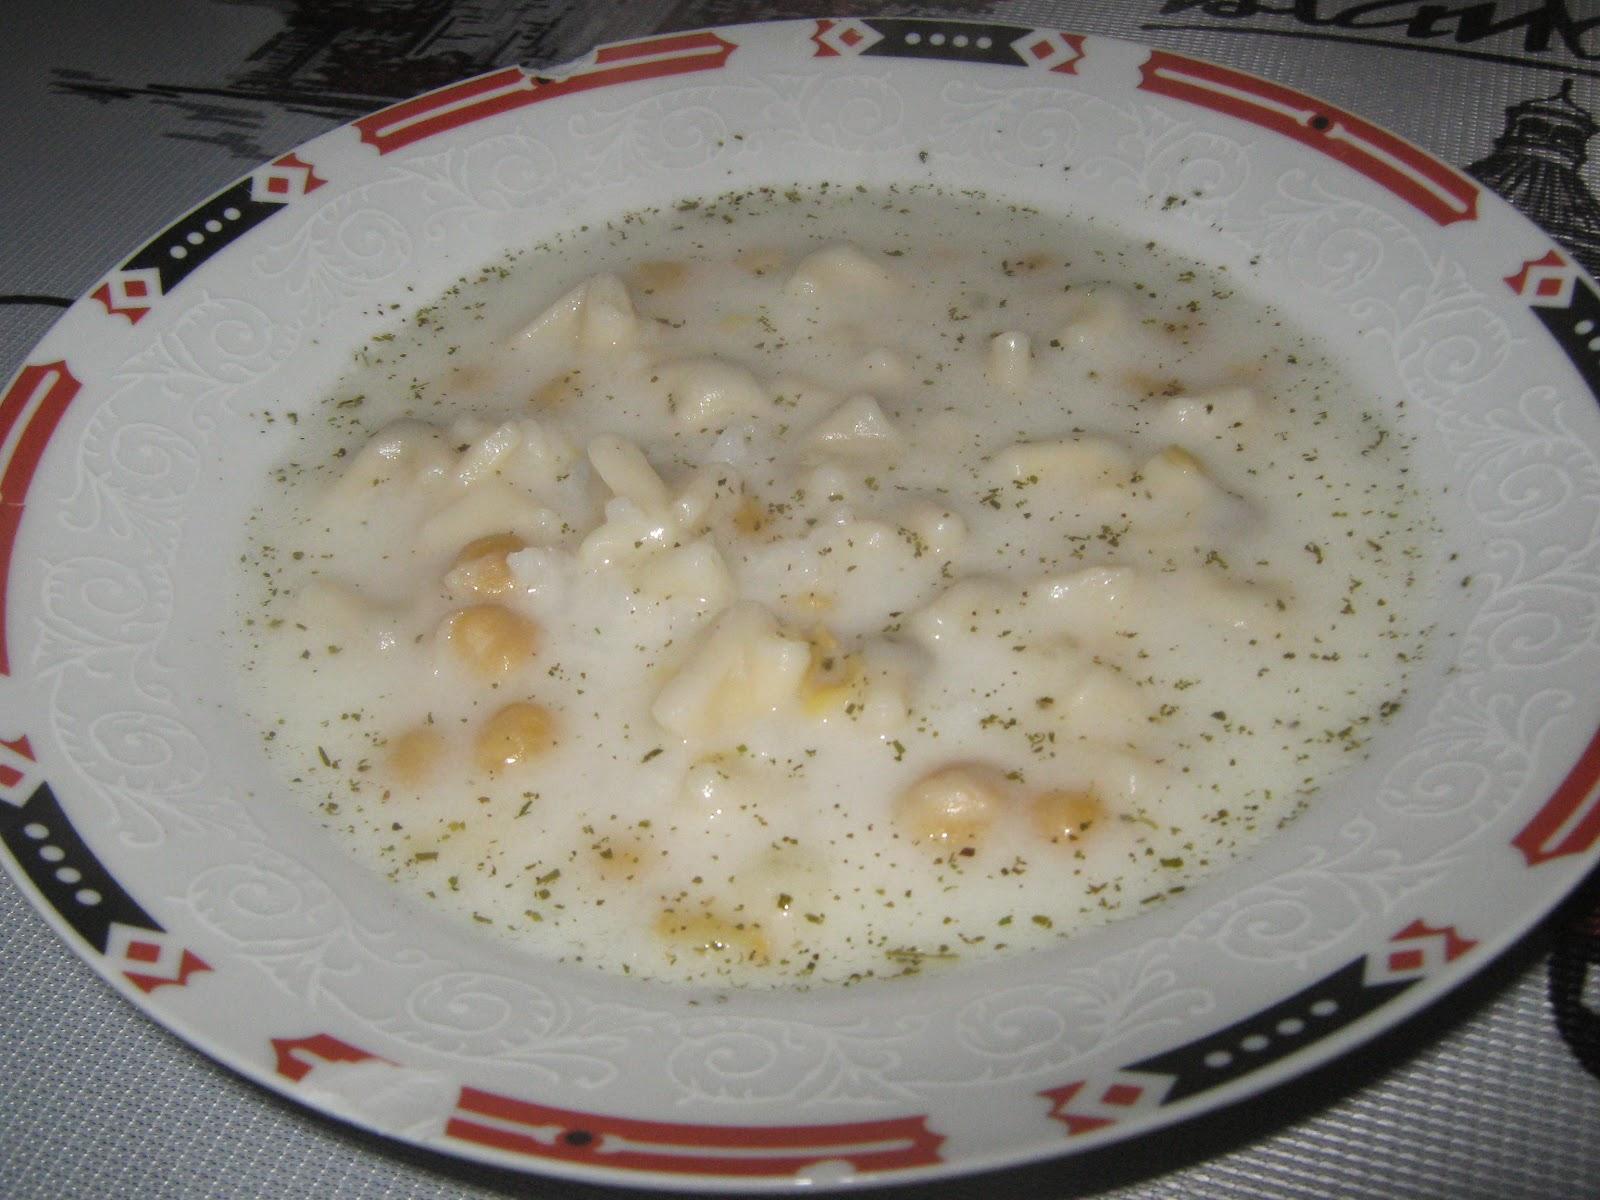 mantı çorbası,yoğurt çorbası,tuzlu yoğurtlu çorba,çorba